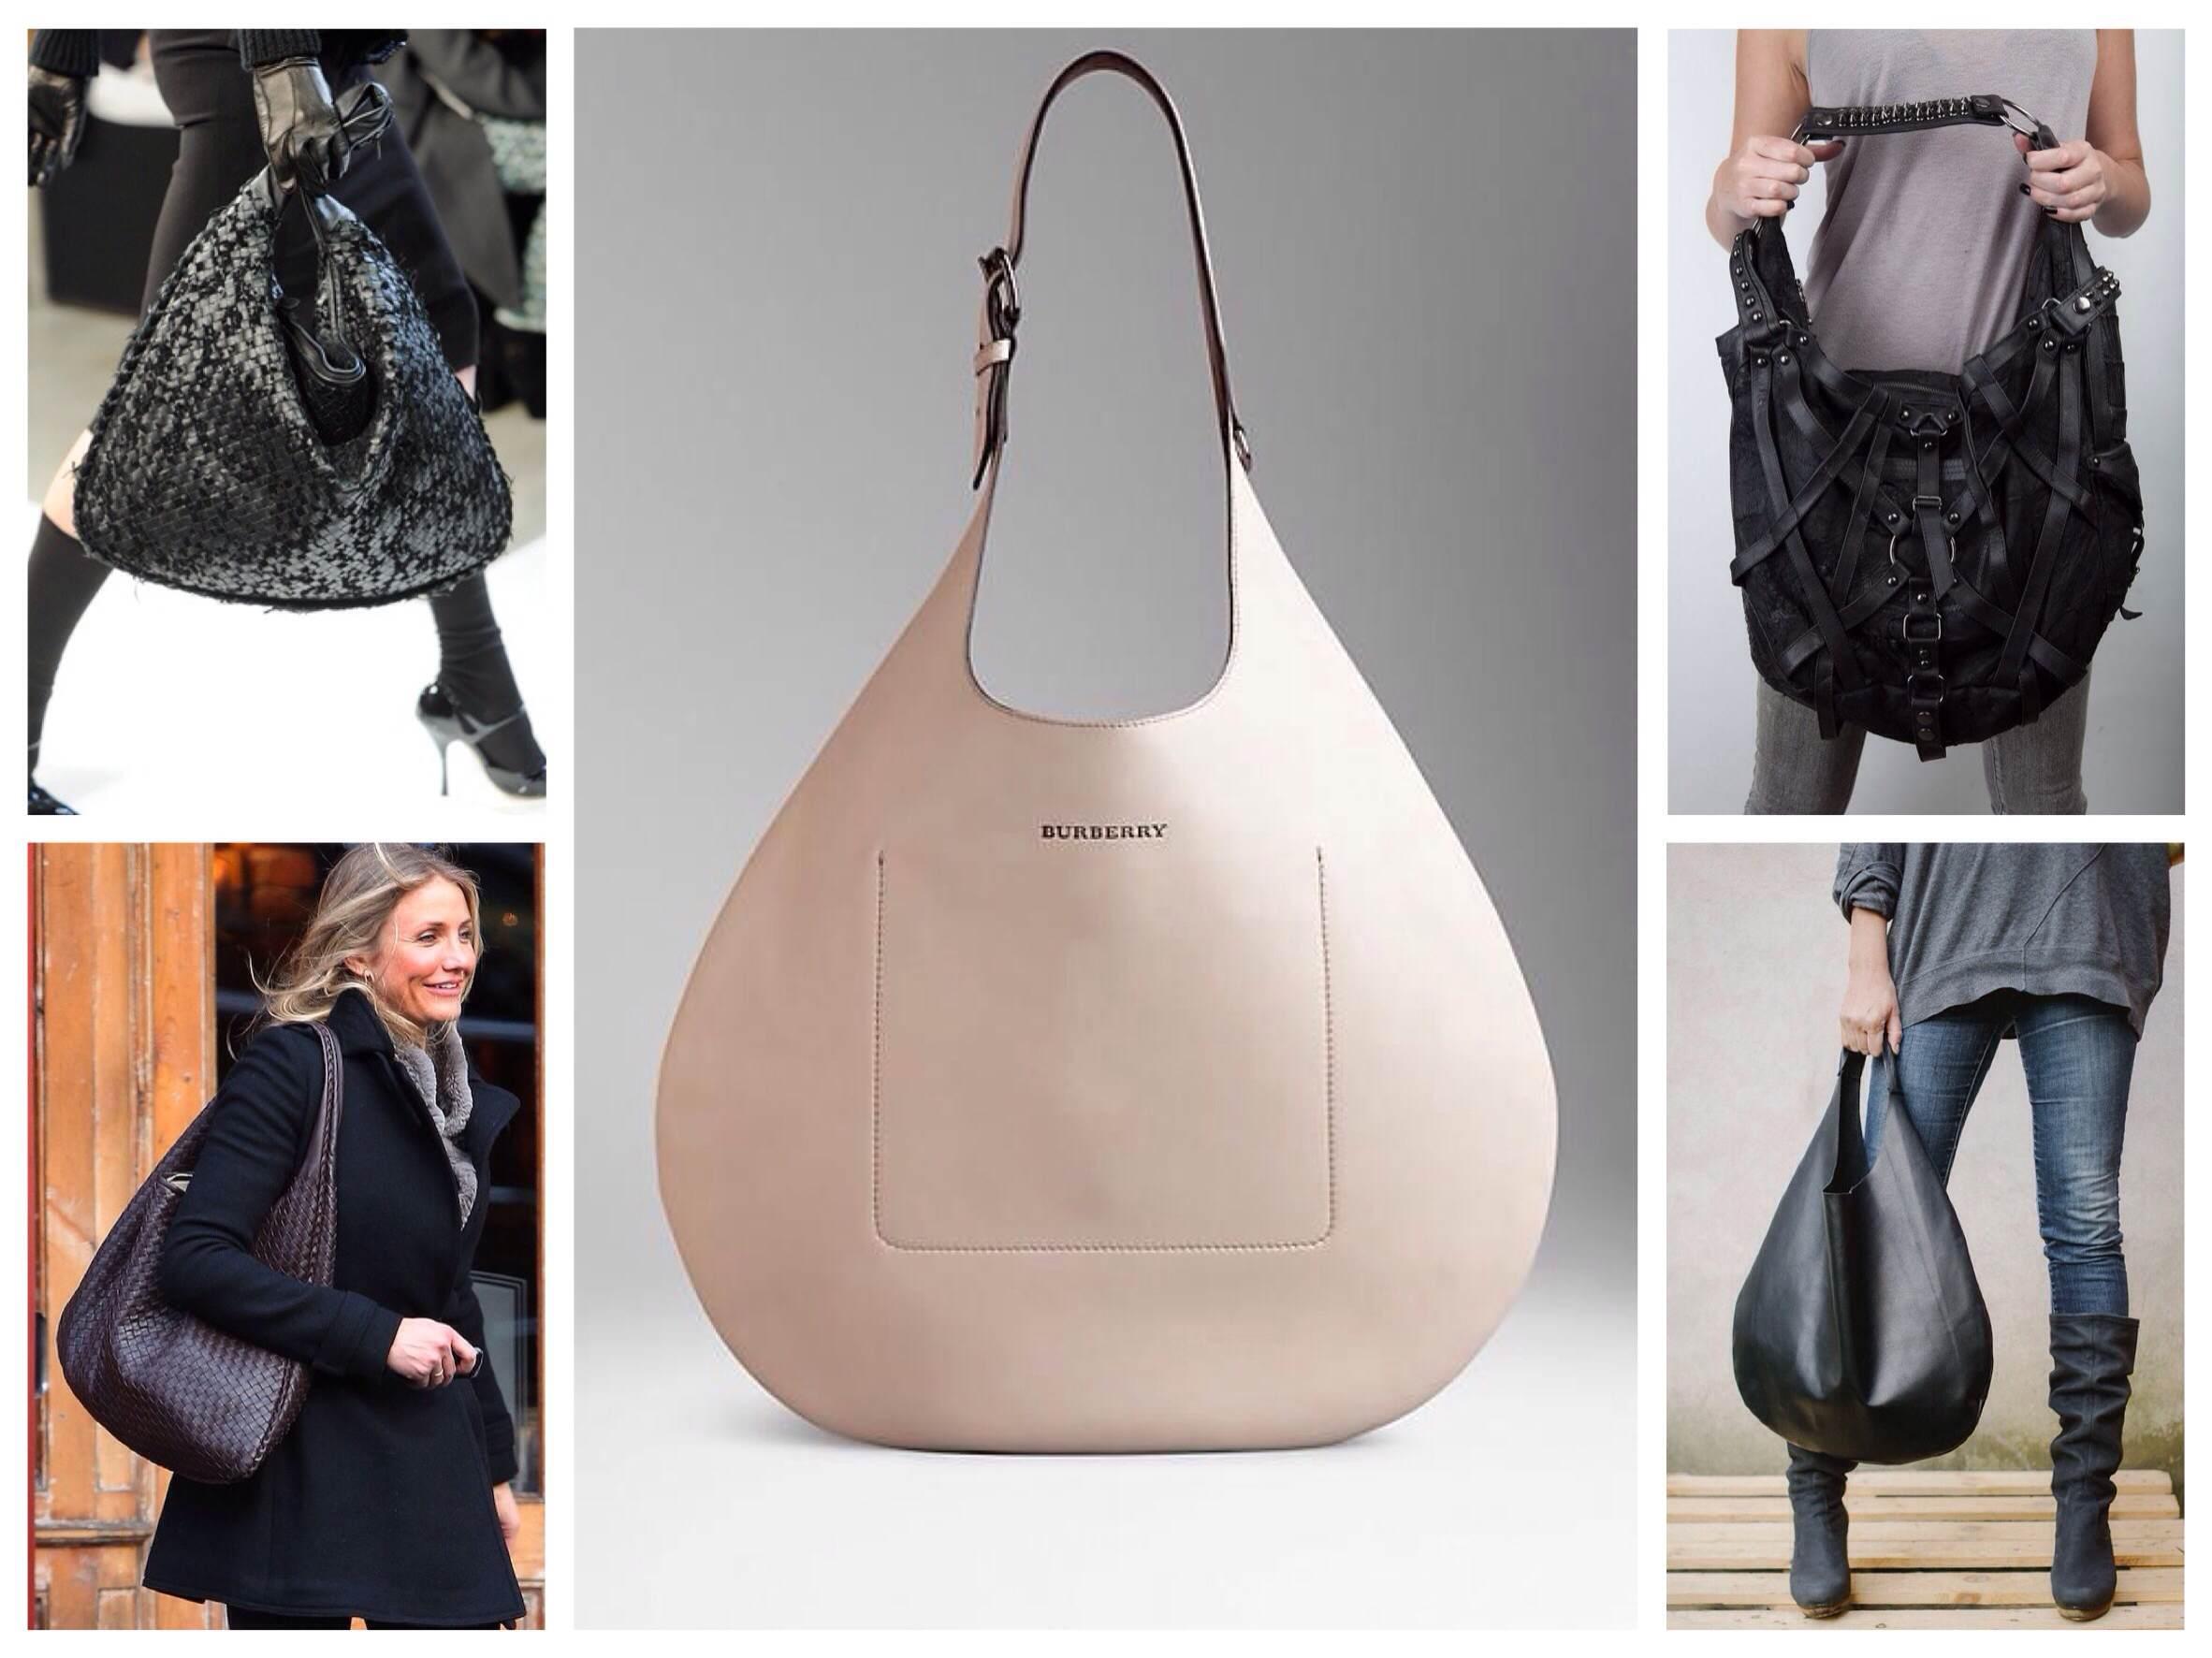 67f3a604d37d Виды женских сумок и как их носить  фото, рекомендации